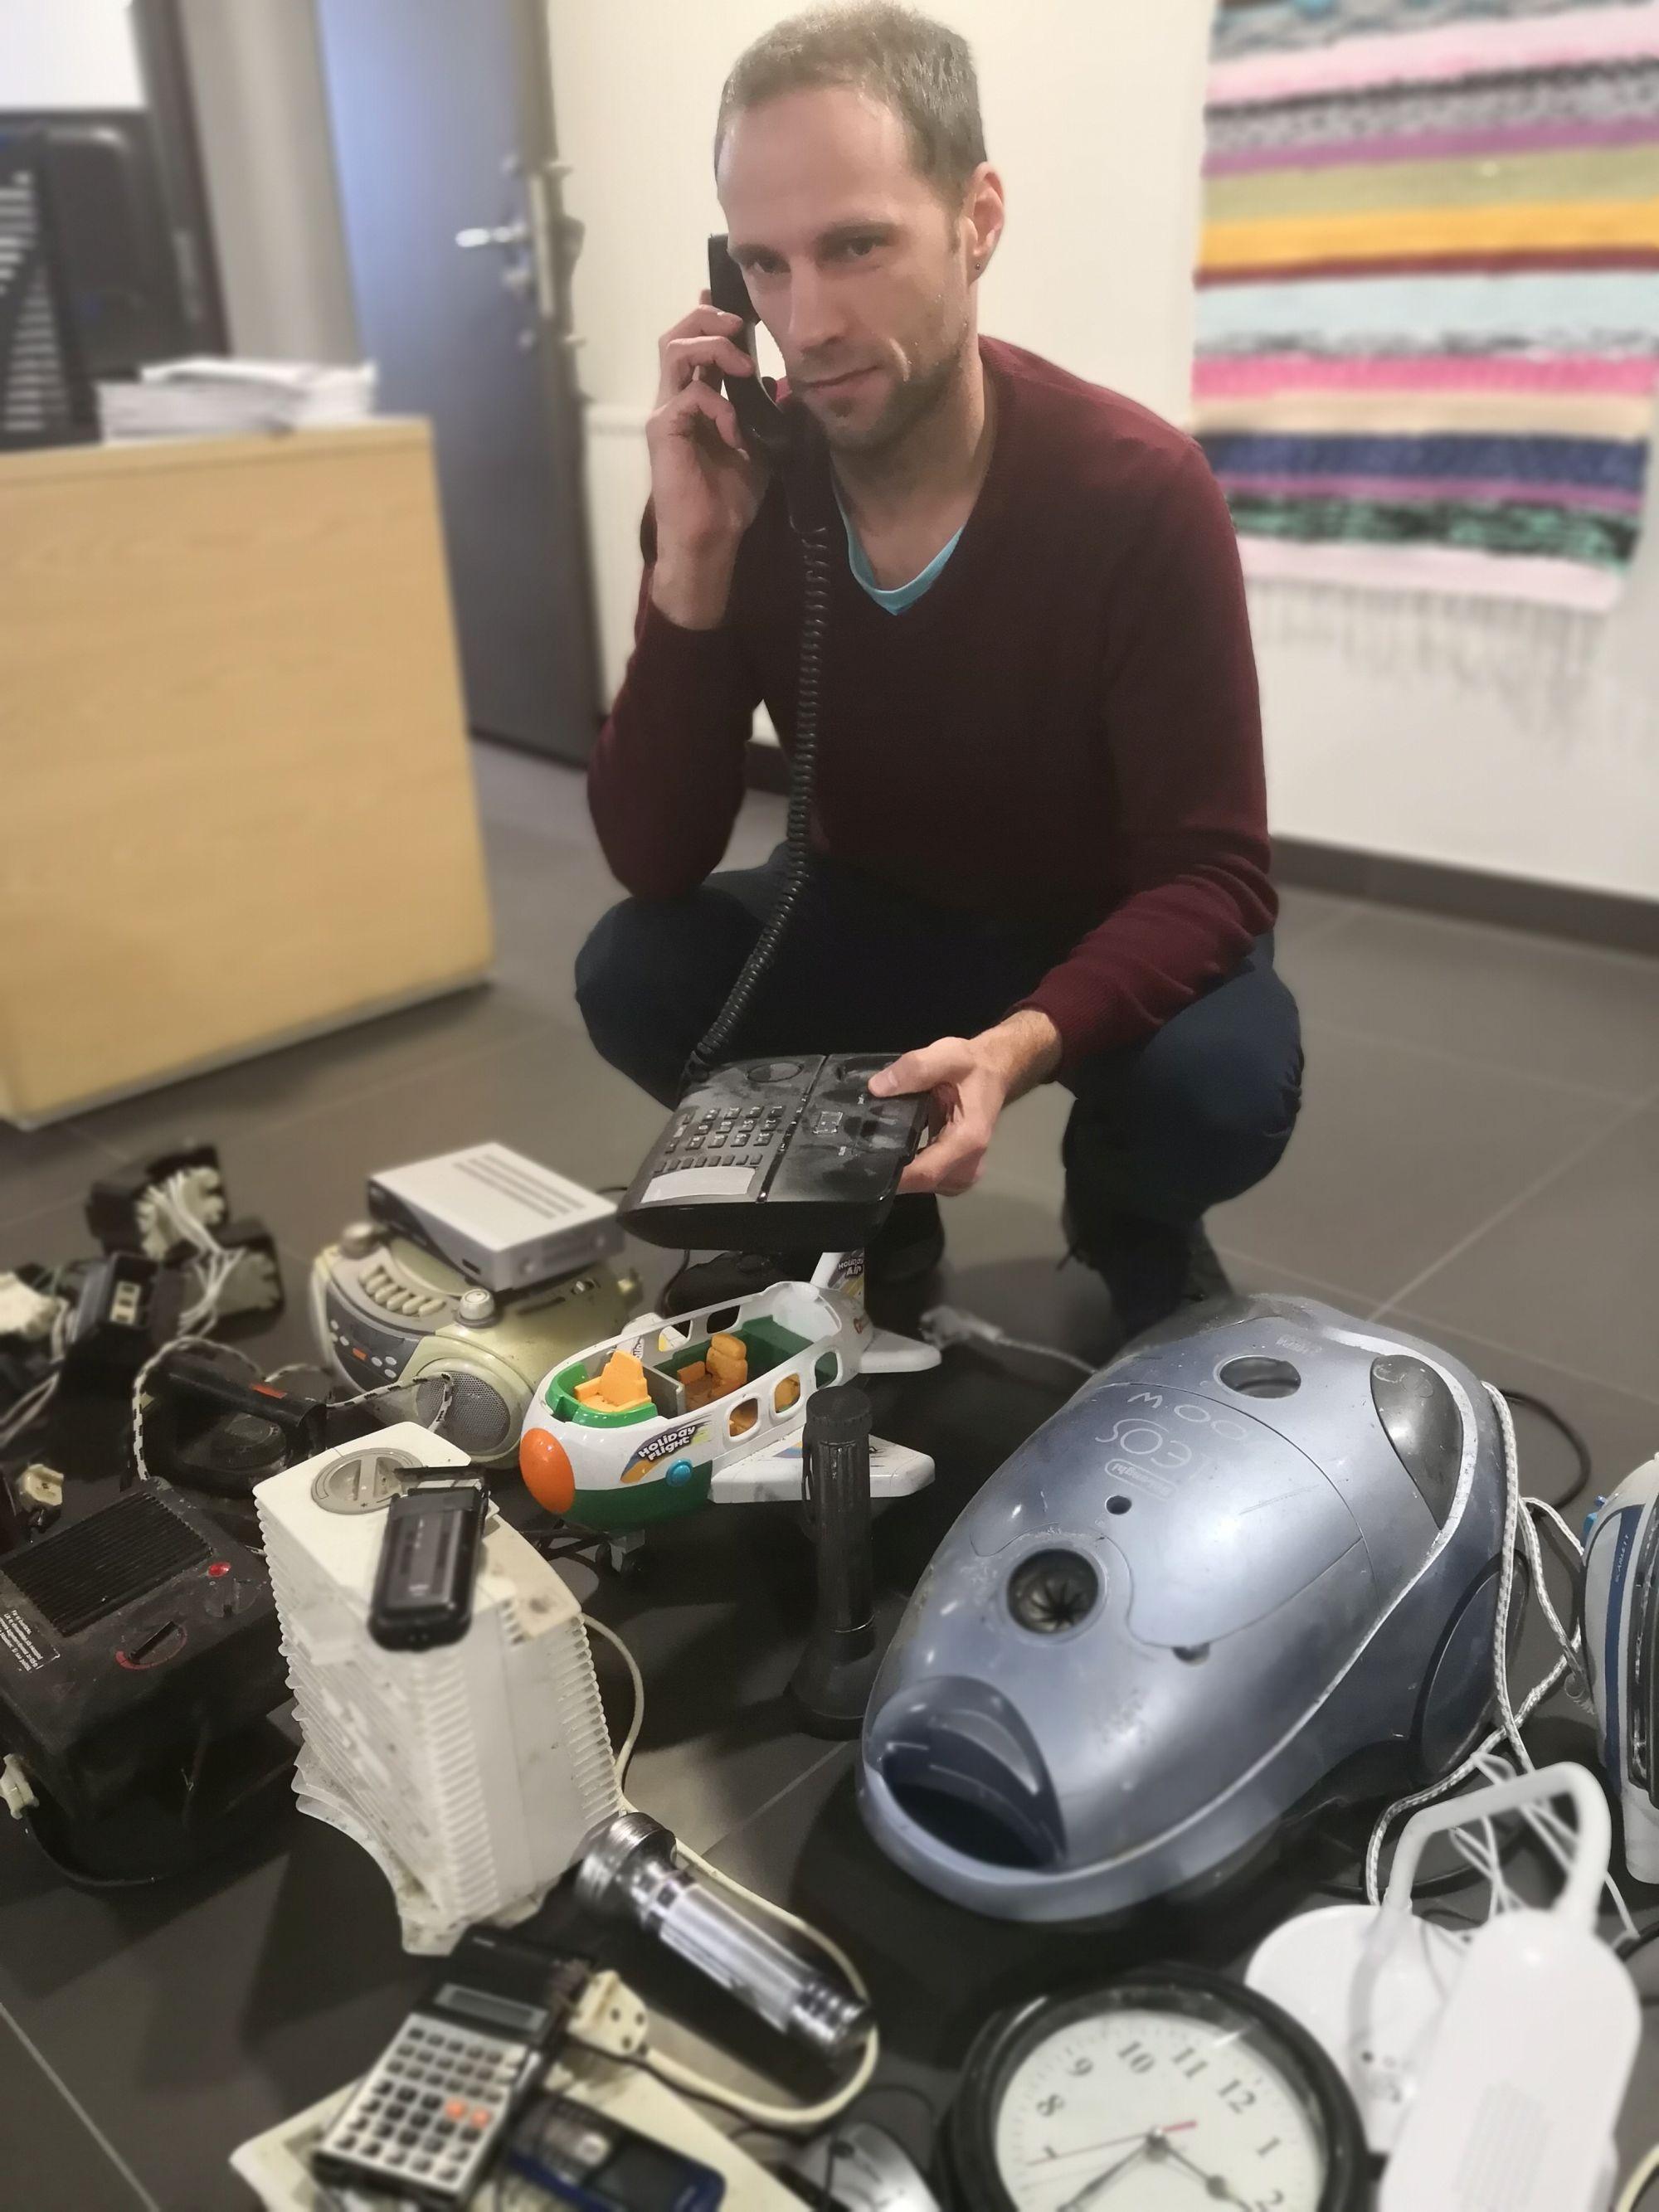 Pildil: Keskkonnaagentuuri andmehaldusosakonna peaspetsialist Rain Päären teeb revisjoni, mis laadi kodutehnikat töötajad kahe kuu jooksul tööle äraviimiseks tõid. Asju jagus taskulampidest ja taskukalkulaatoritest soojapuhurite ja elektrooniliste mänguasjadeni välja.  Foto: Valdo Jahilo